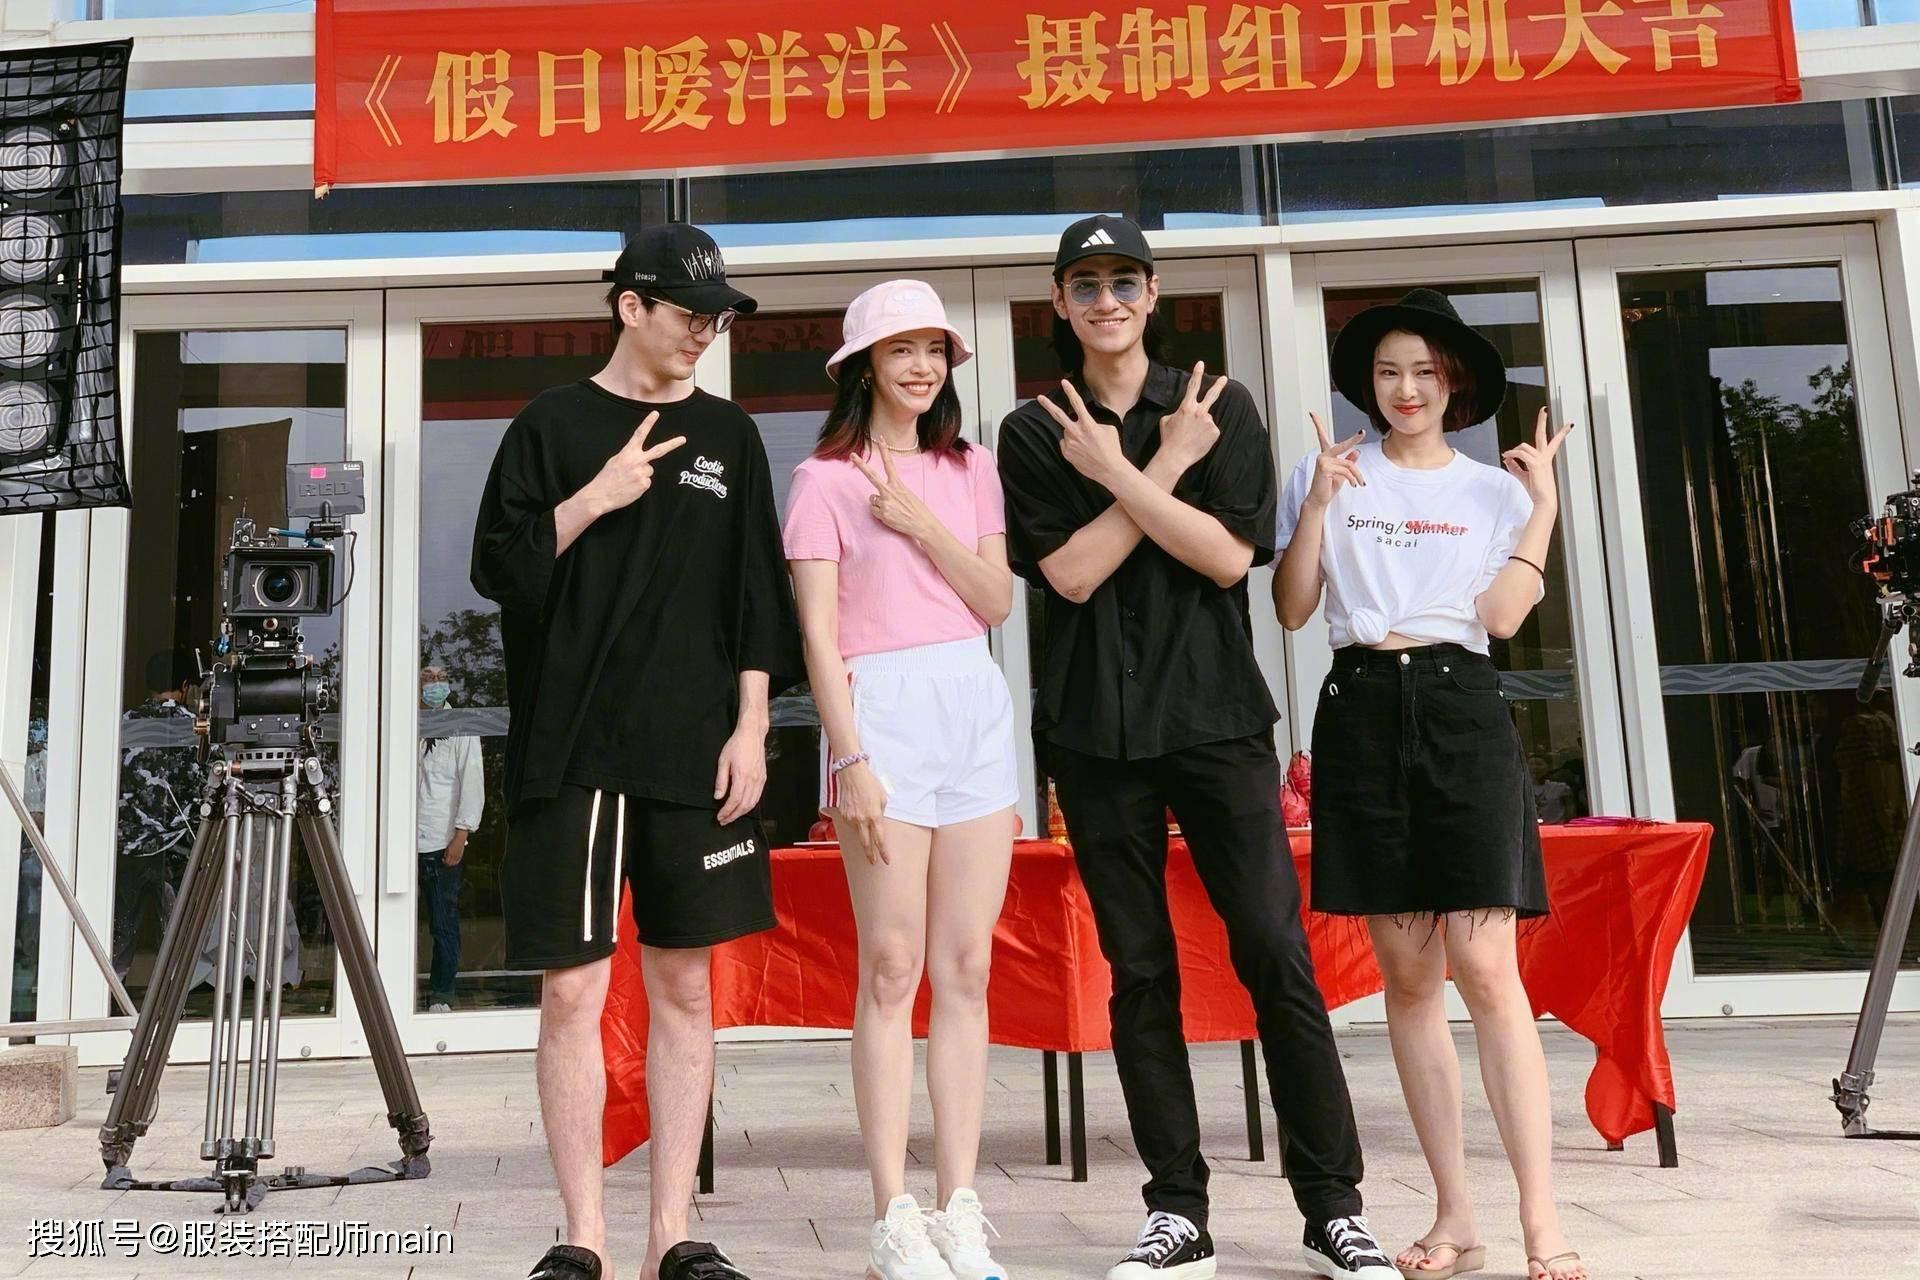 姚晨新剧开机,粉T搭短裤秀细长美腿,与小11岁白宇同框像同龄人